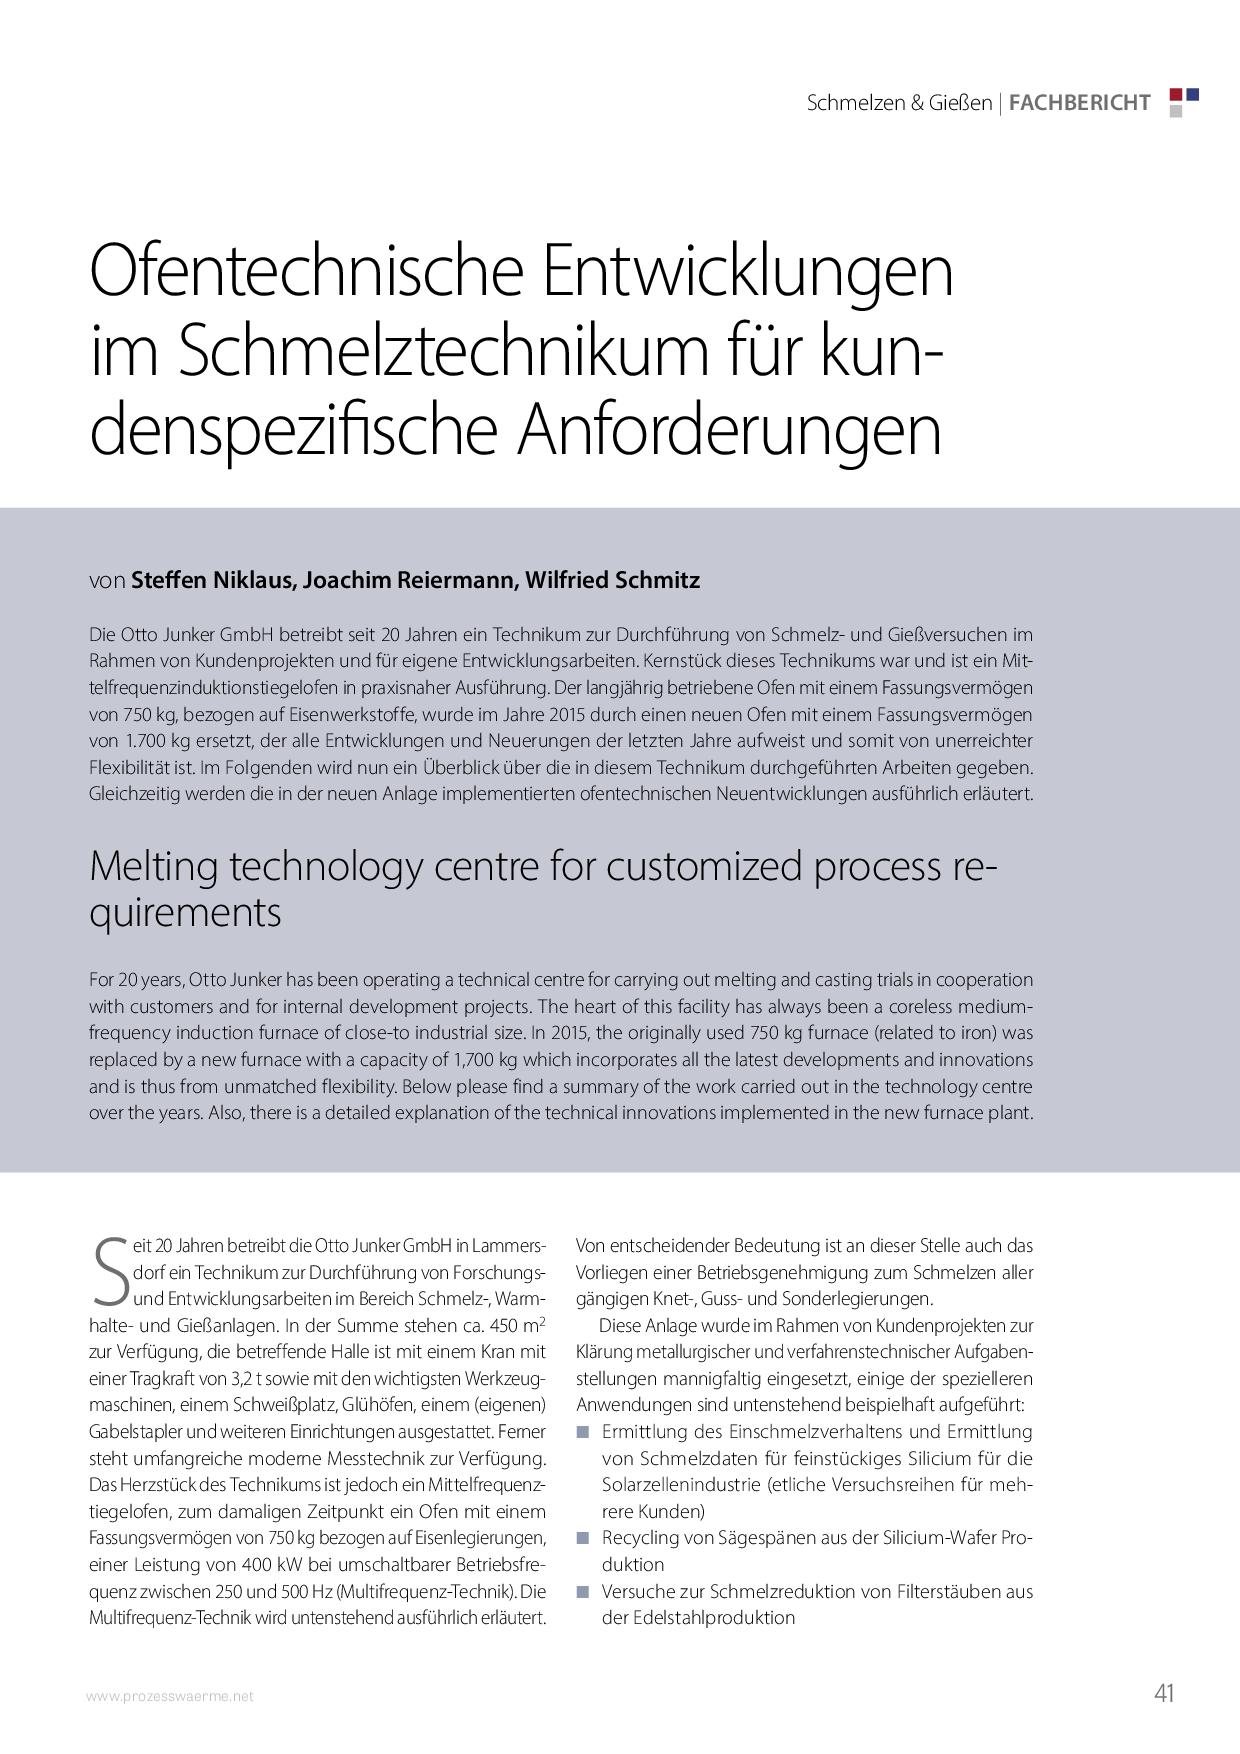 Ofentechnische Entwicklungen im Schmelztechnikum für kundenspezifische Anforderungen